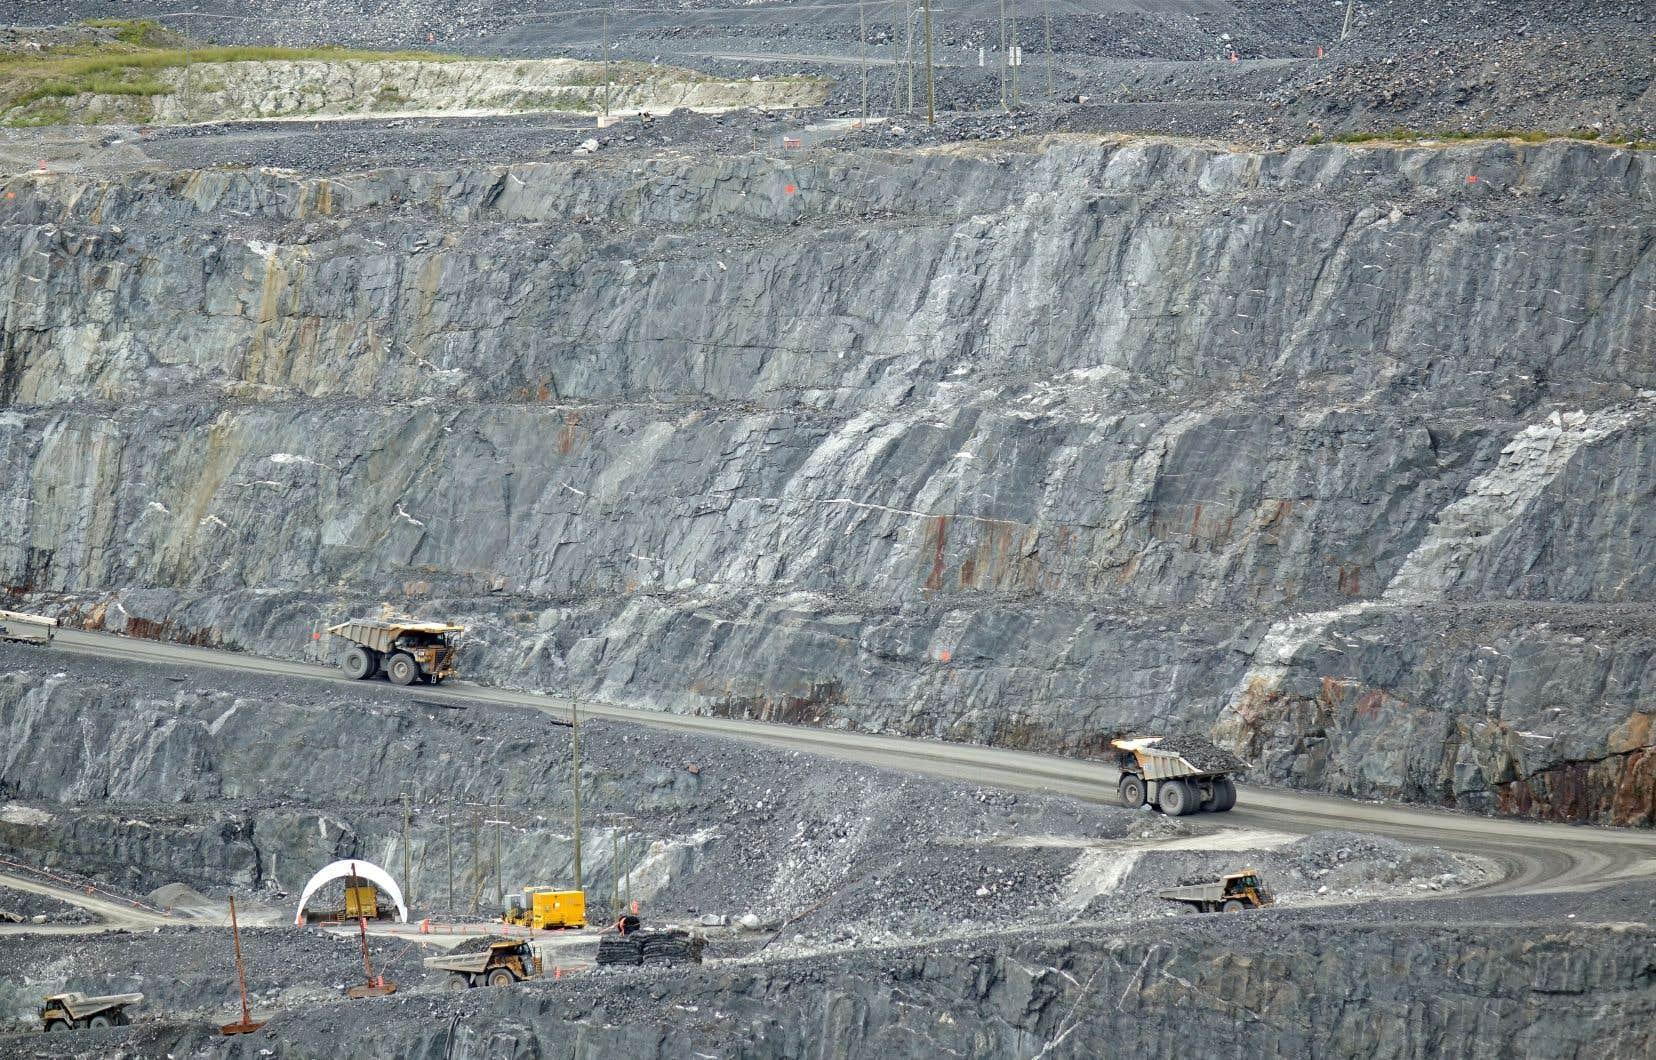 Les établissements implantés à l'extérieur de Montréal et de Québec sont depuis longtemps le terreau de projets de recherche portant sur des secteurs névralgiques dans l'économie de leur région, comme les mines à l'Université du Québec en Abitibi.